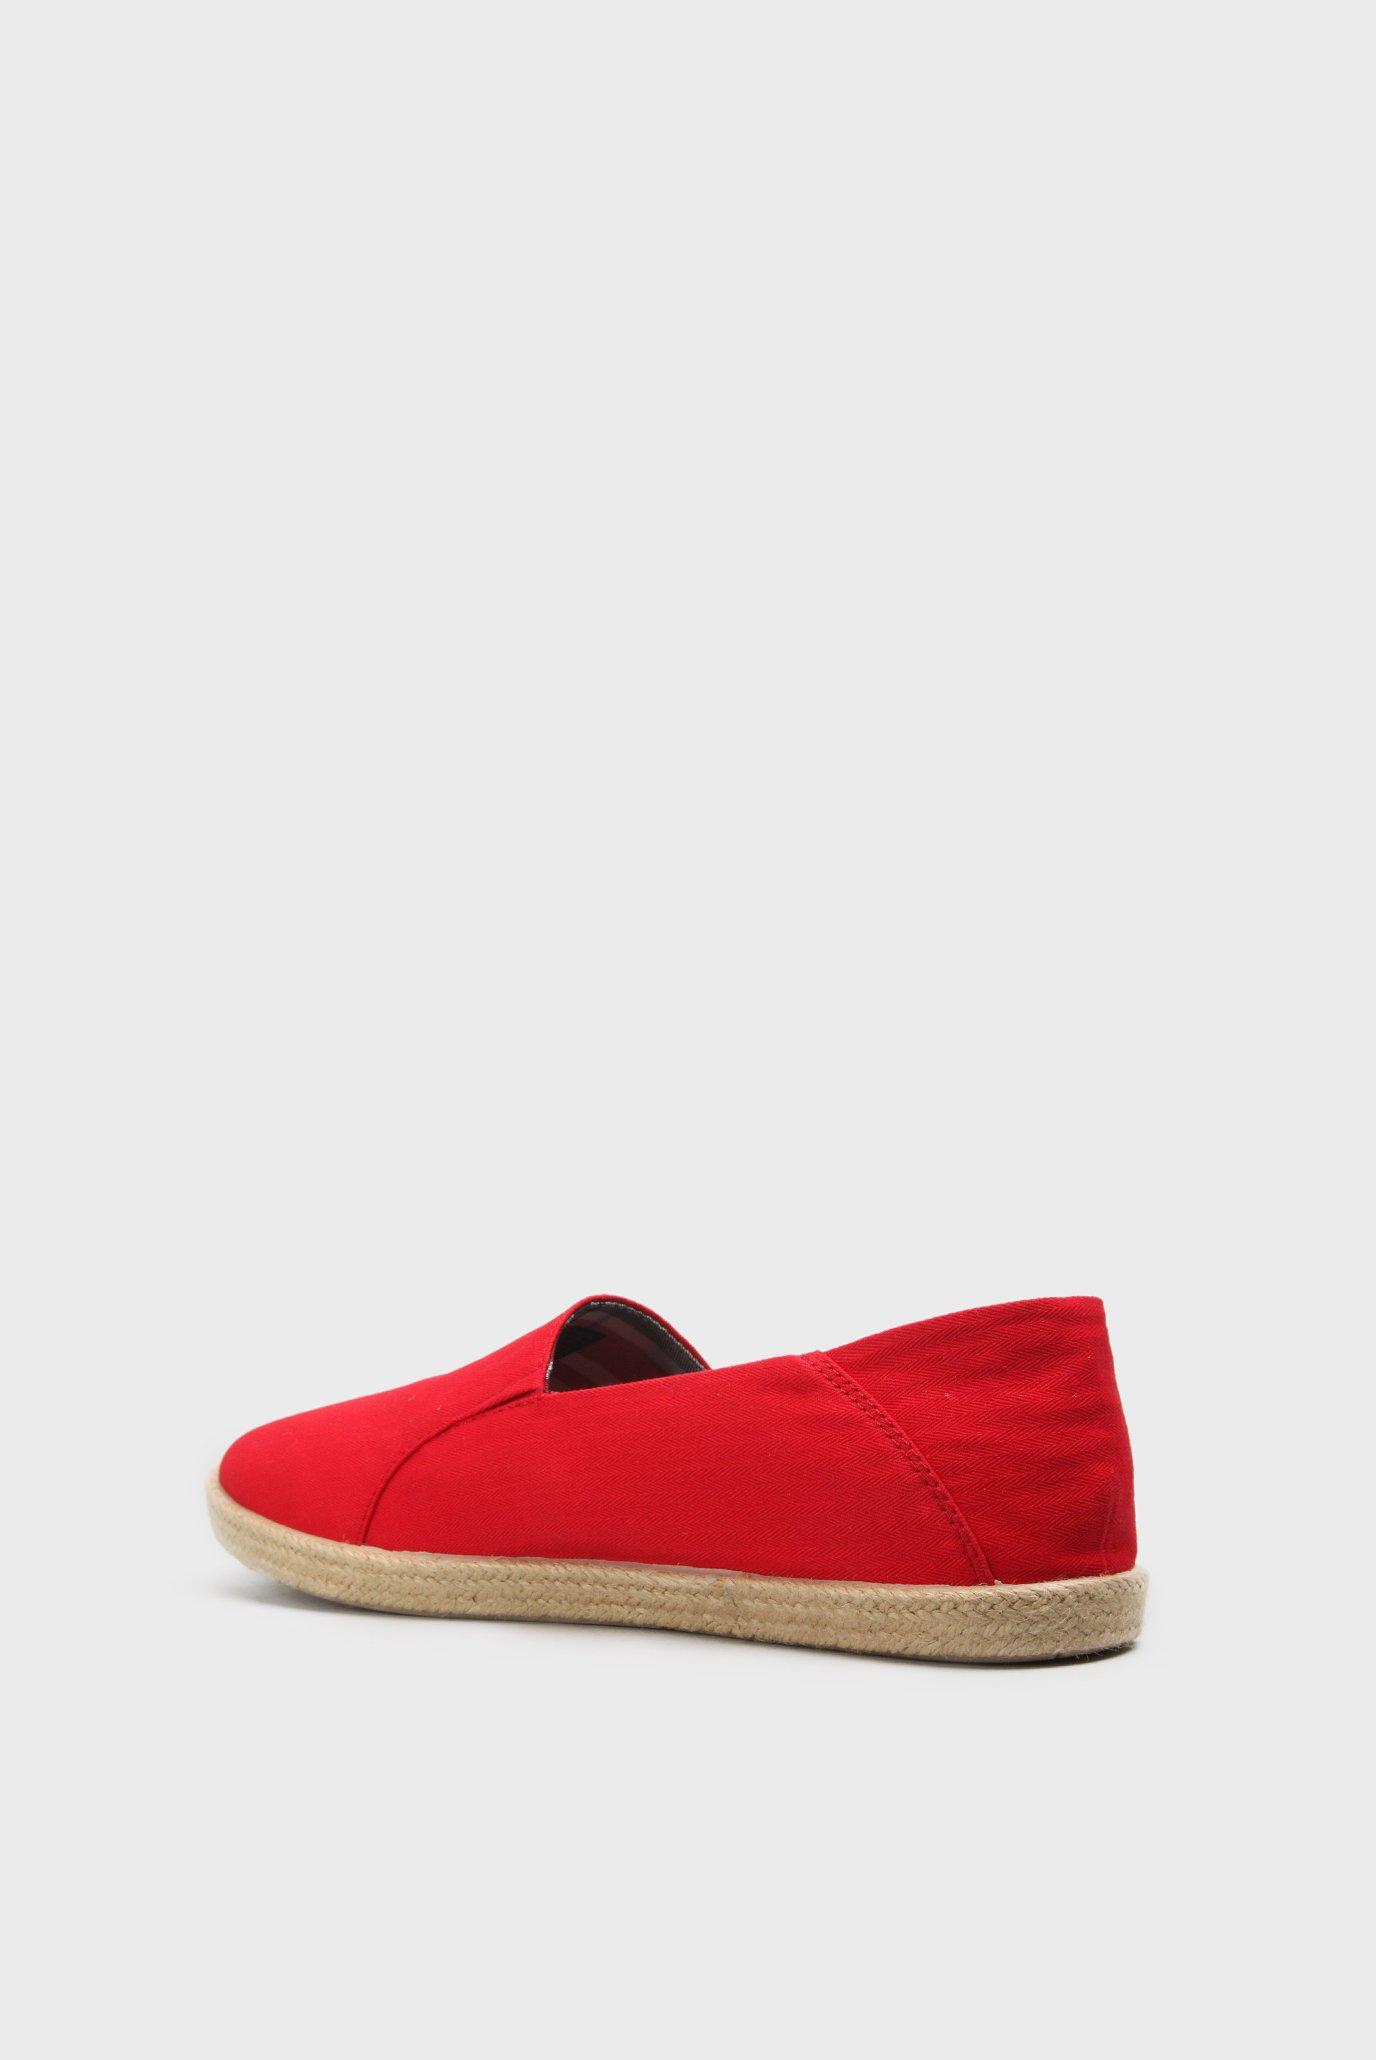 Купить Мужские красные эспадрильи с вышивкой Tommy Hilfiger Tommy Hilfiger FM0FM00569 – Киев, Украина. Цены в интернет магазине MD Fashion